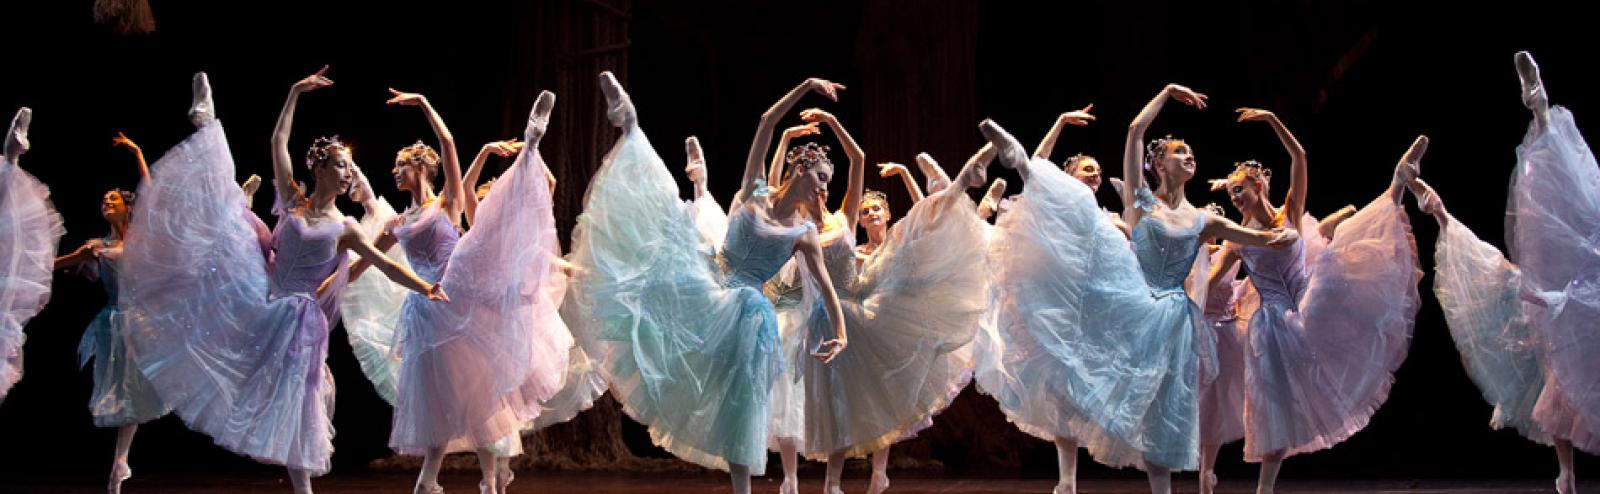 Exposition, du ballet La Source, orchestrée par Christian Lacroix - CNCS Moulins